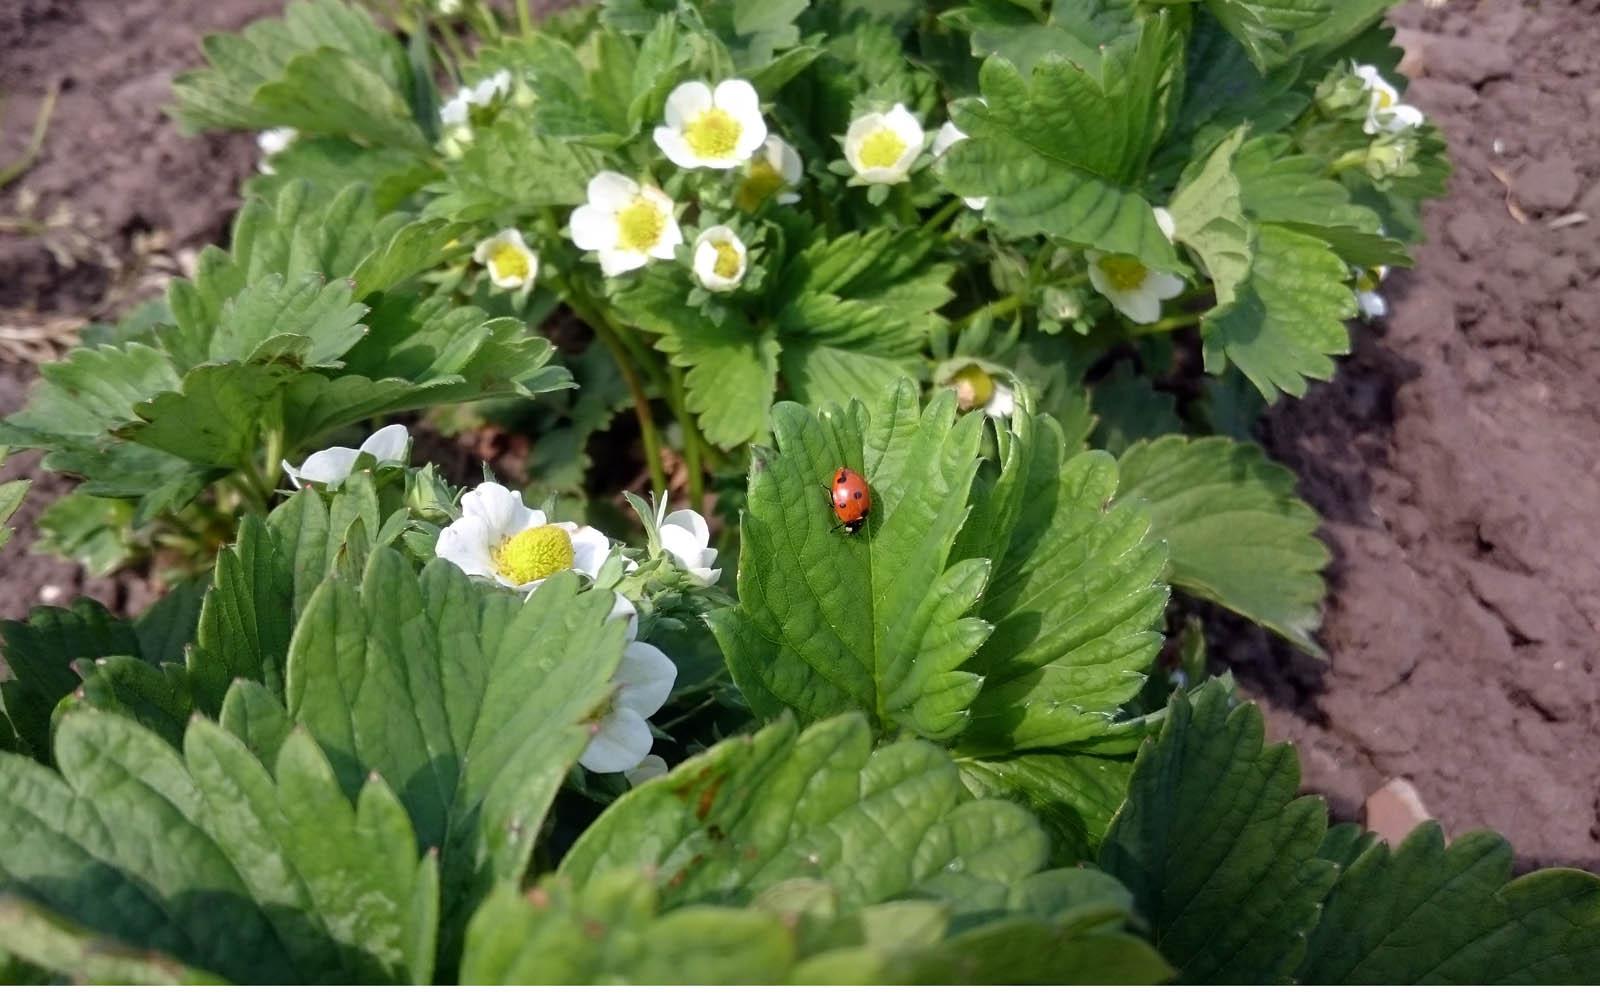 En nyckelpiga på en av våra ekologiska jordgubbsplantor